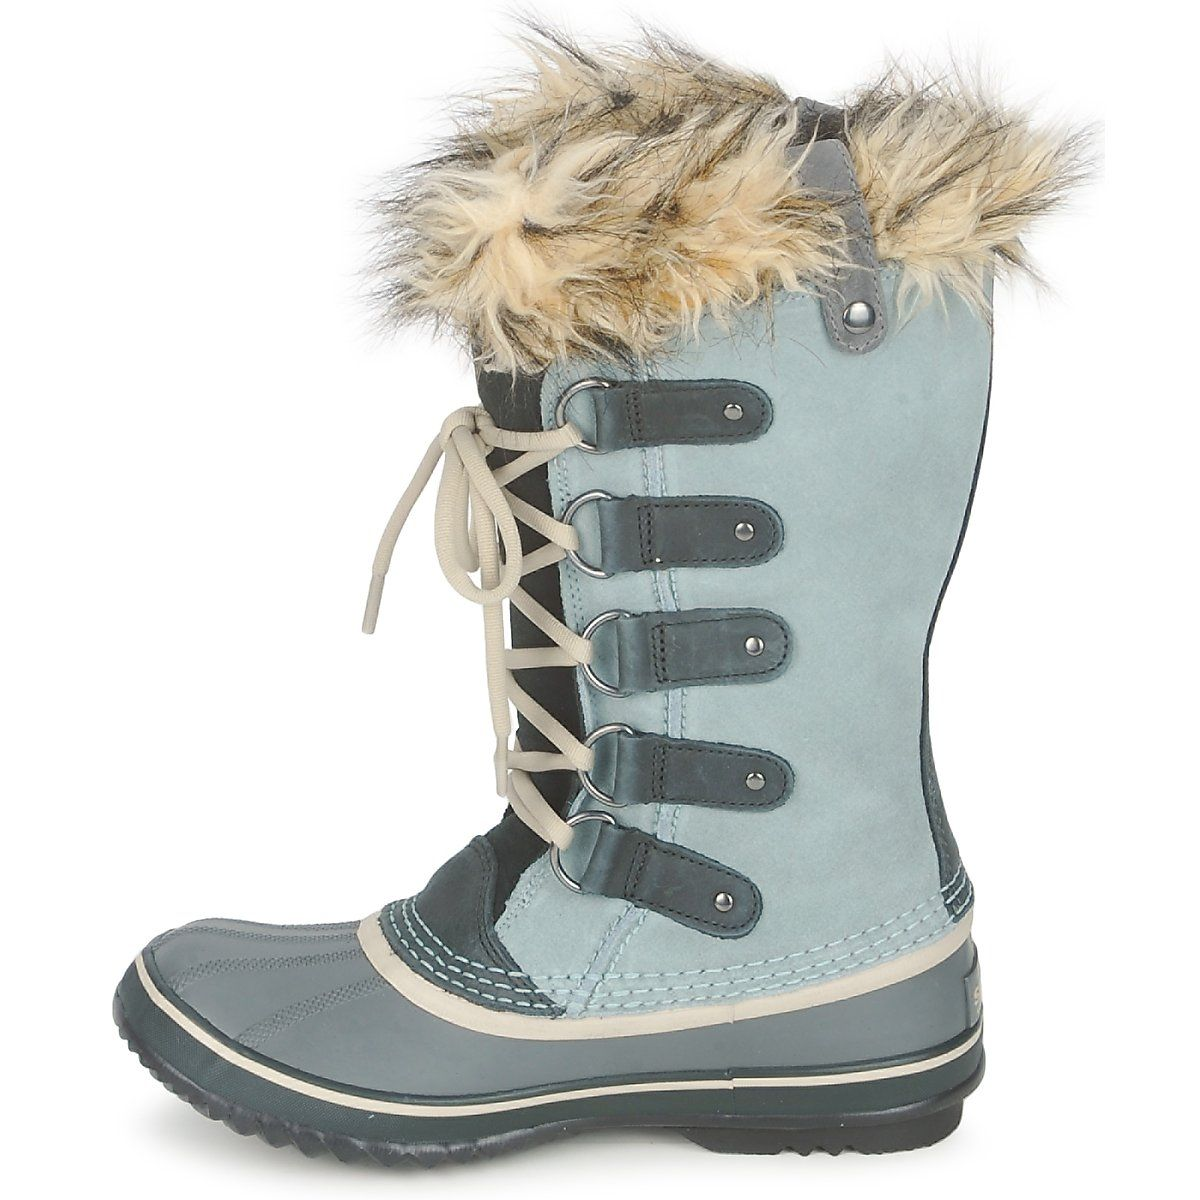 0883fc5f58eb84 Bottes de neige Sorel JOAN OF ARCTIC GRIS - J adore .... Elle me ...